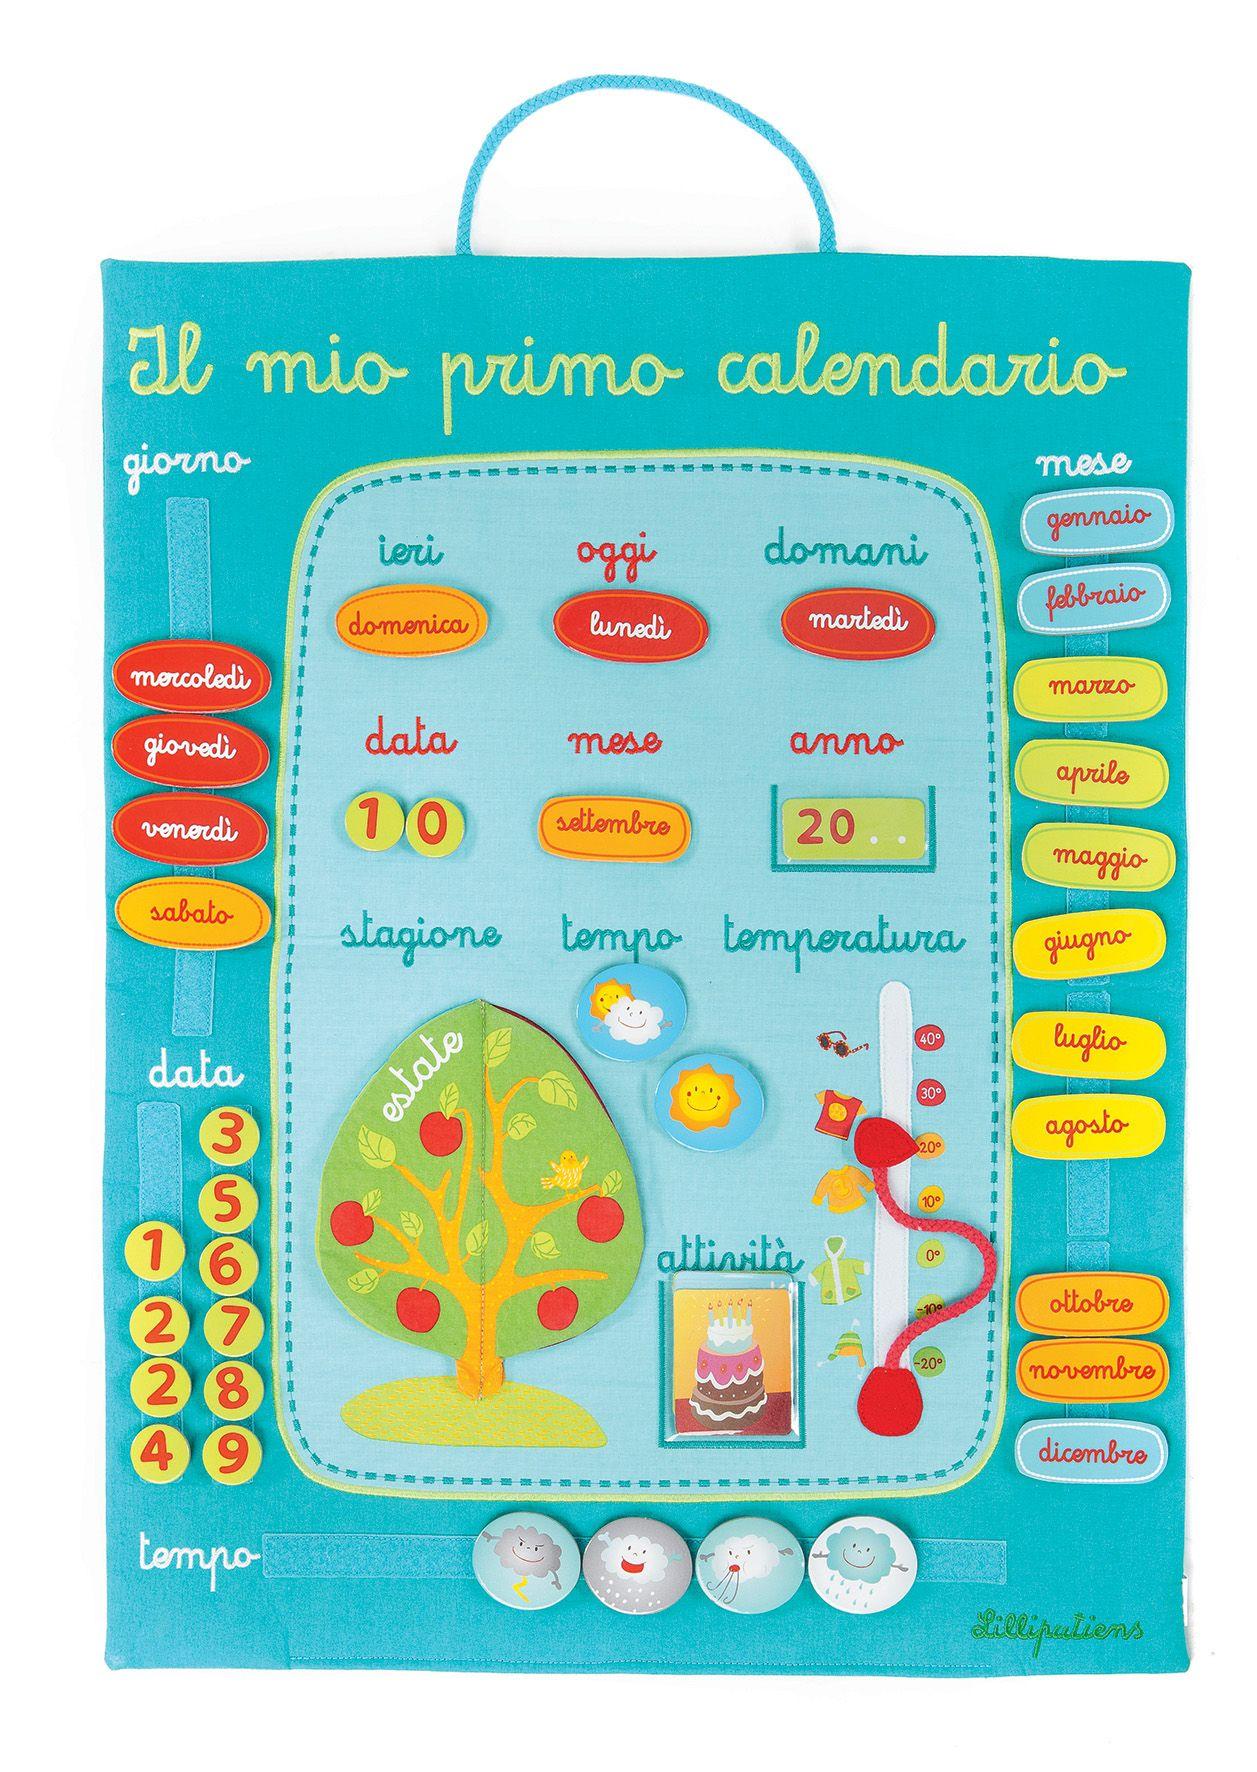 Calendario Per Bambini Fai Da Te.Risultati Immagini Per Calendario Perpetuo Per Bambini La